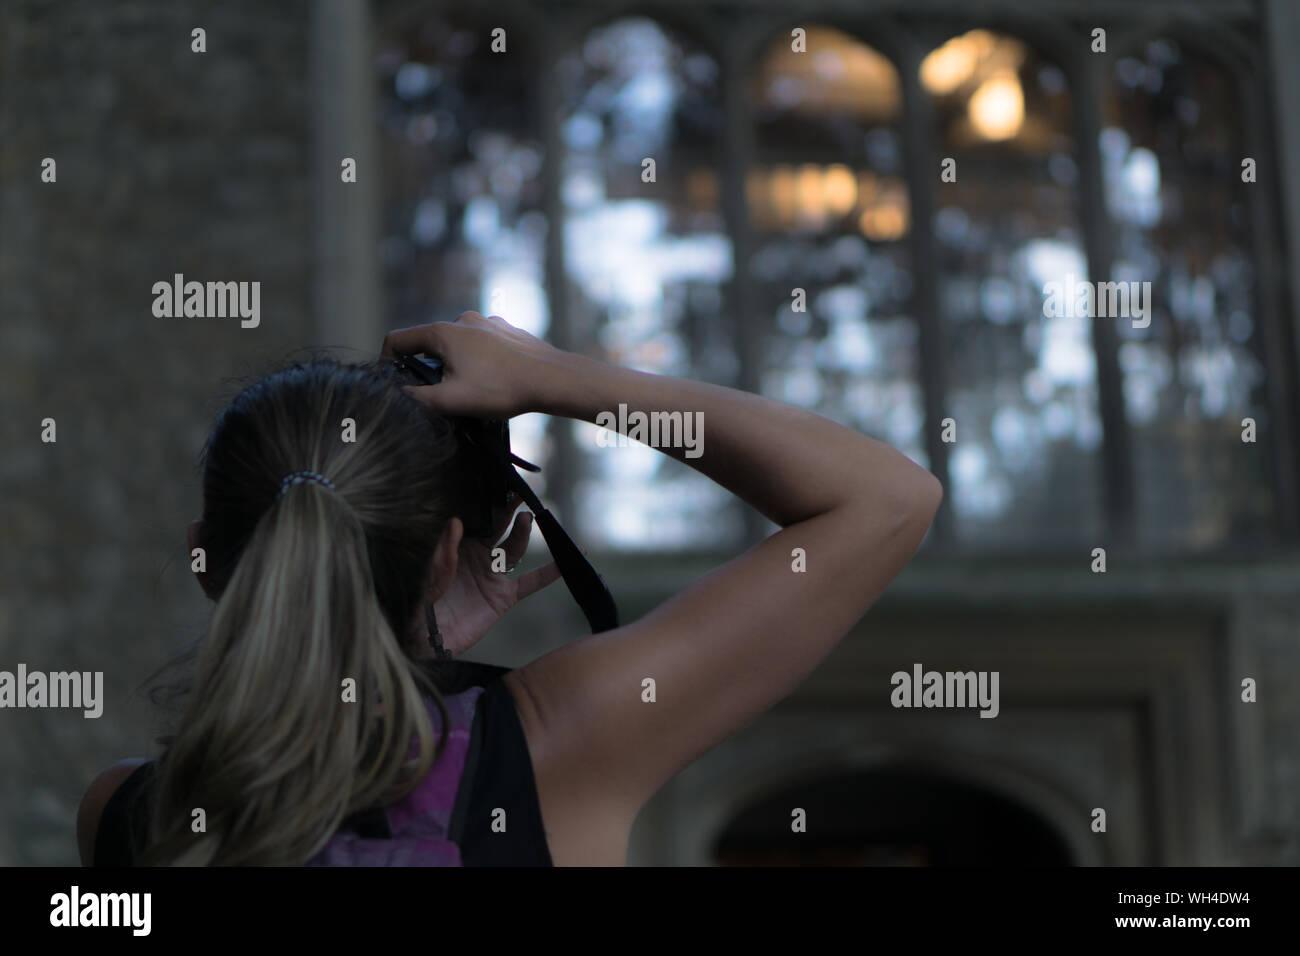 BlackBerry mobili siti di incontri